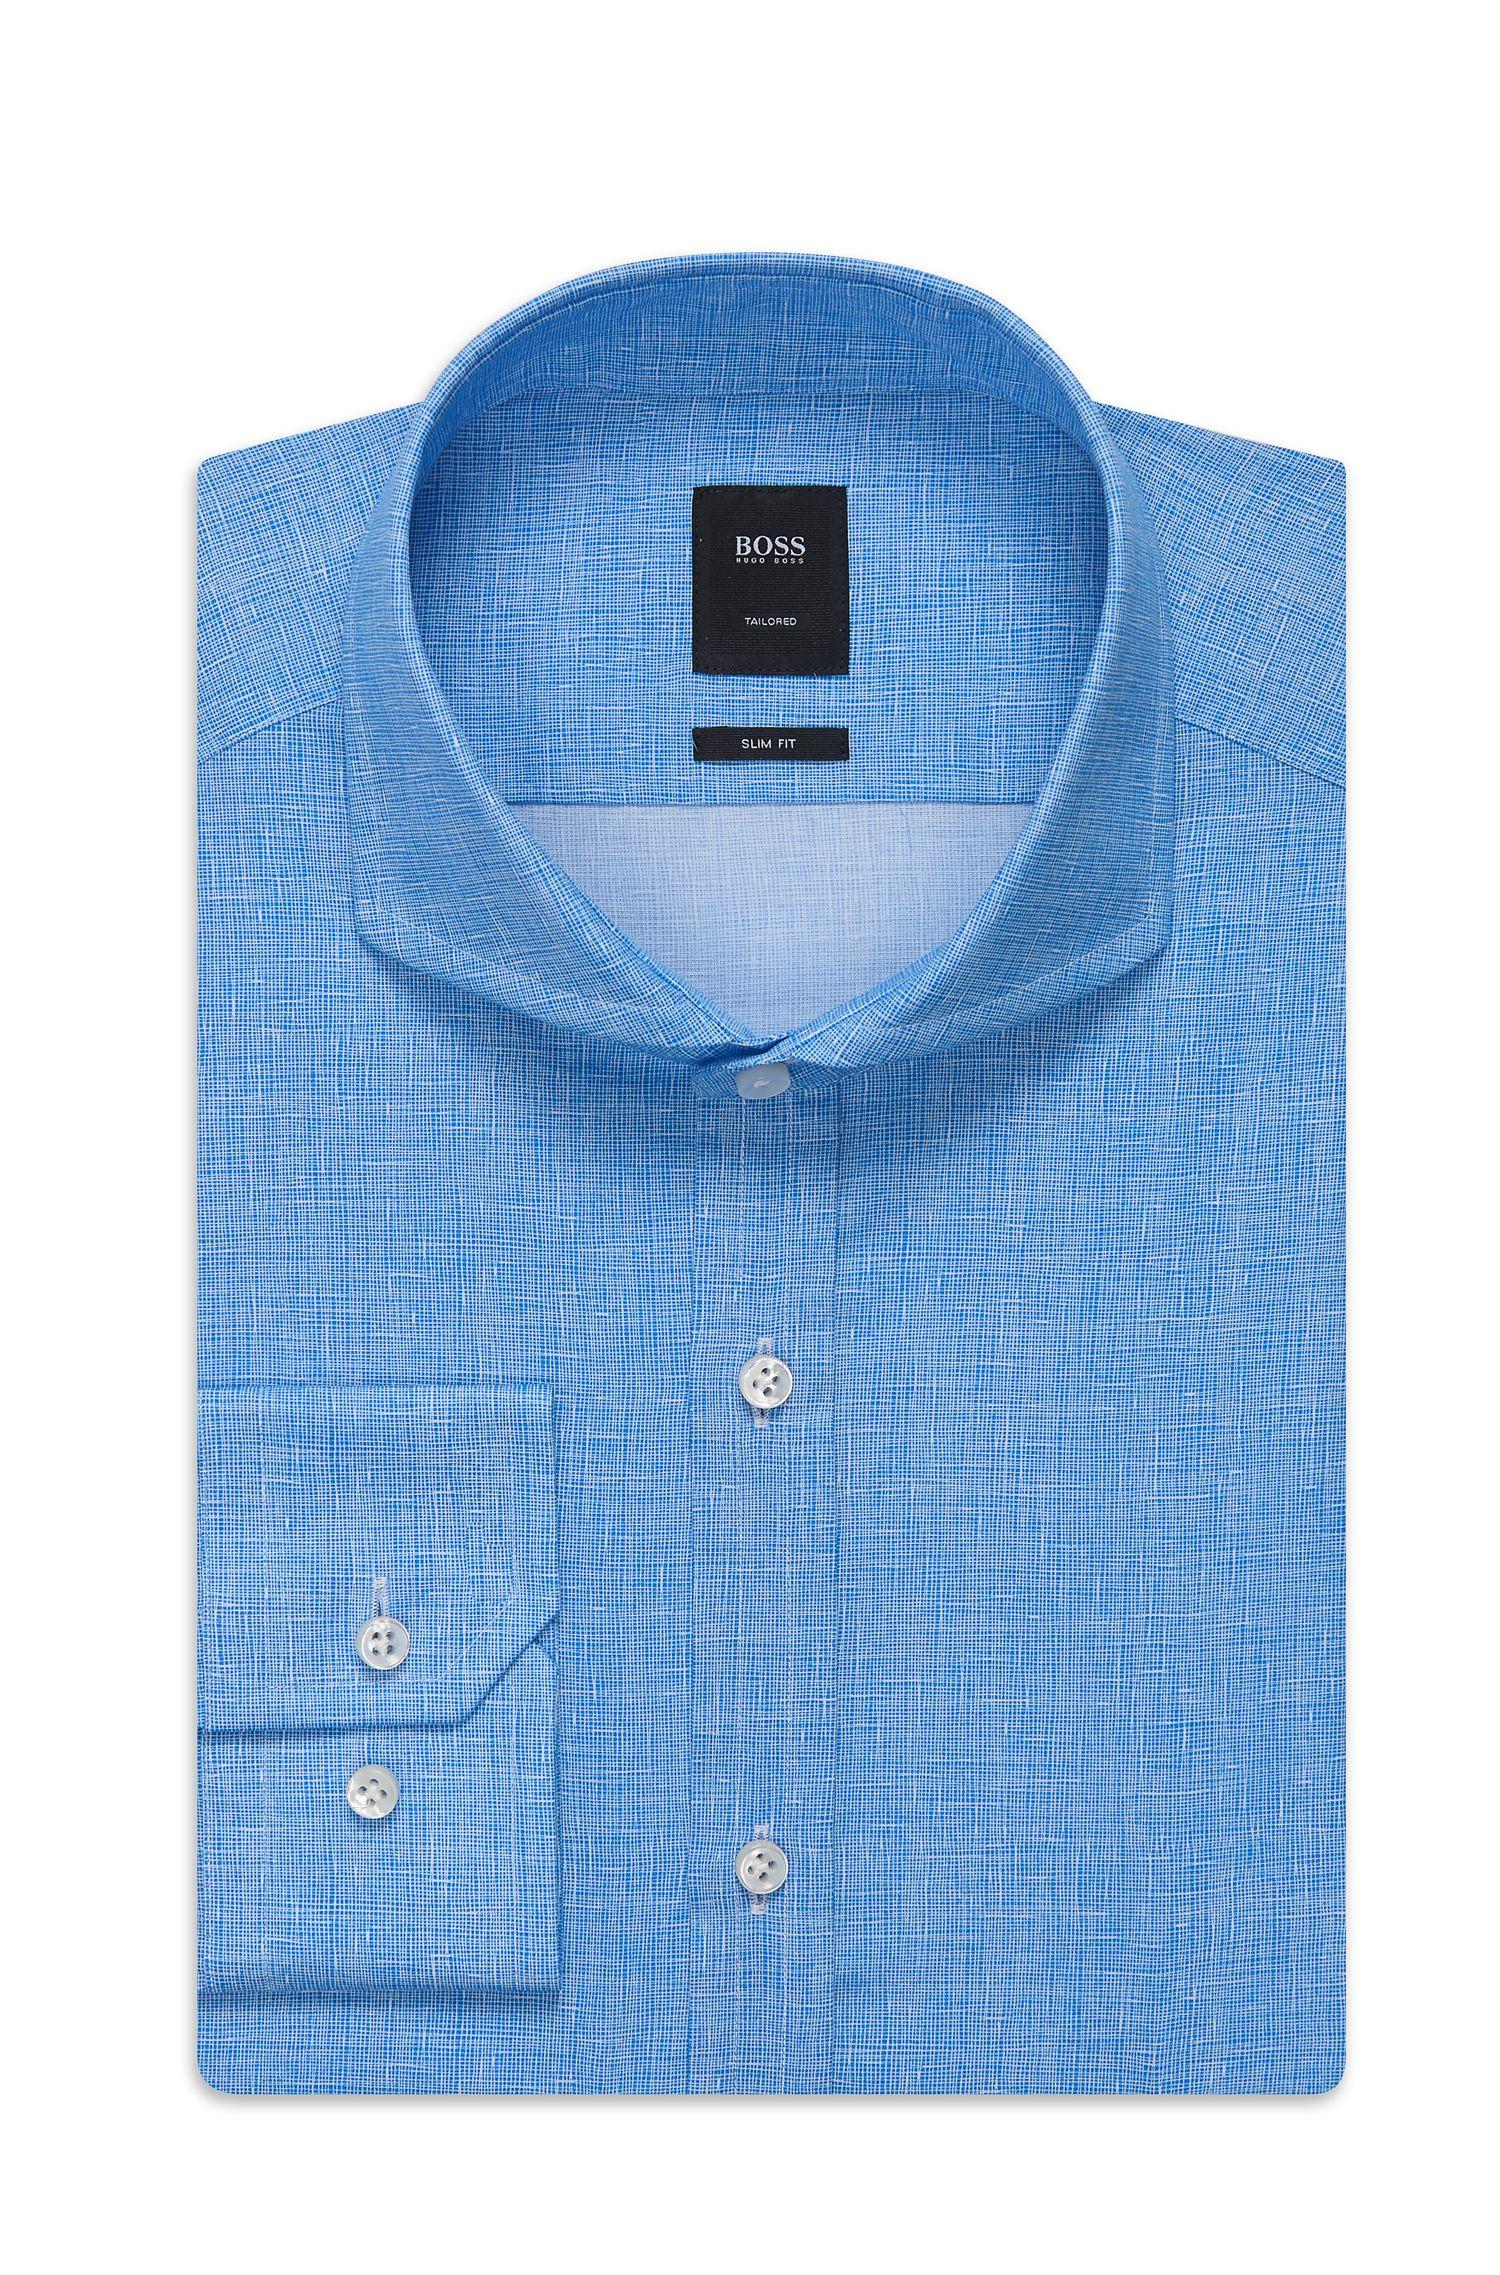 'T-Swain' | Slim Fit, Italian Cotton Dress Shirt